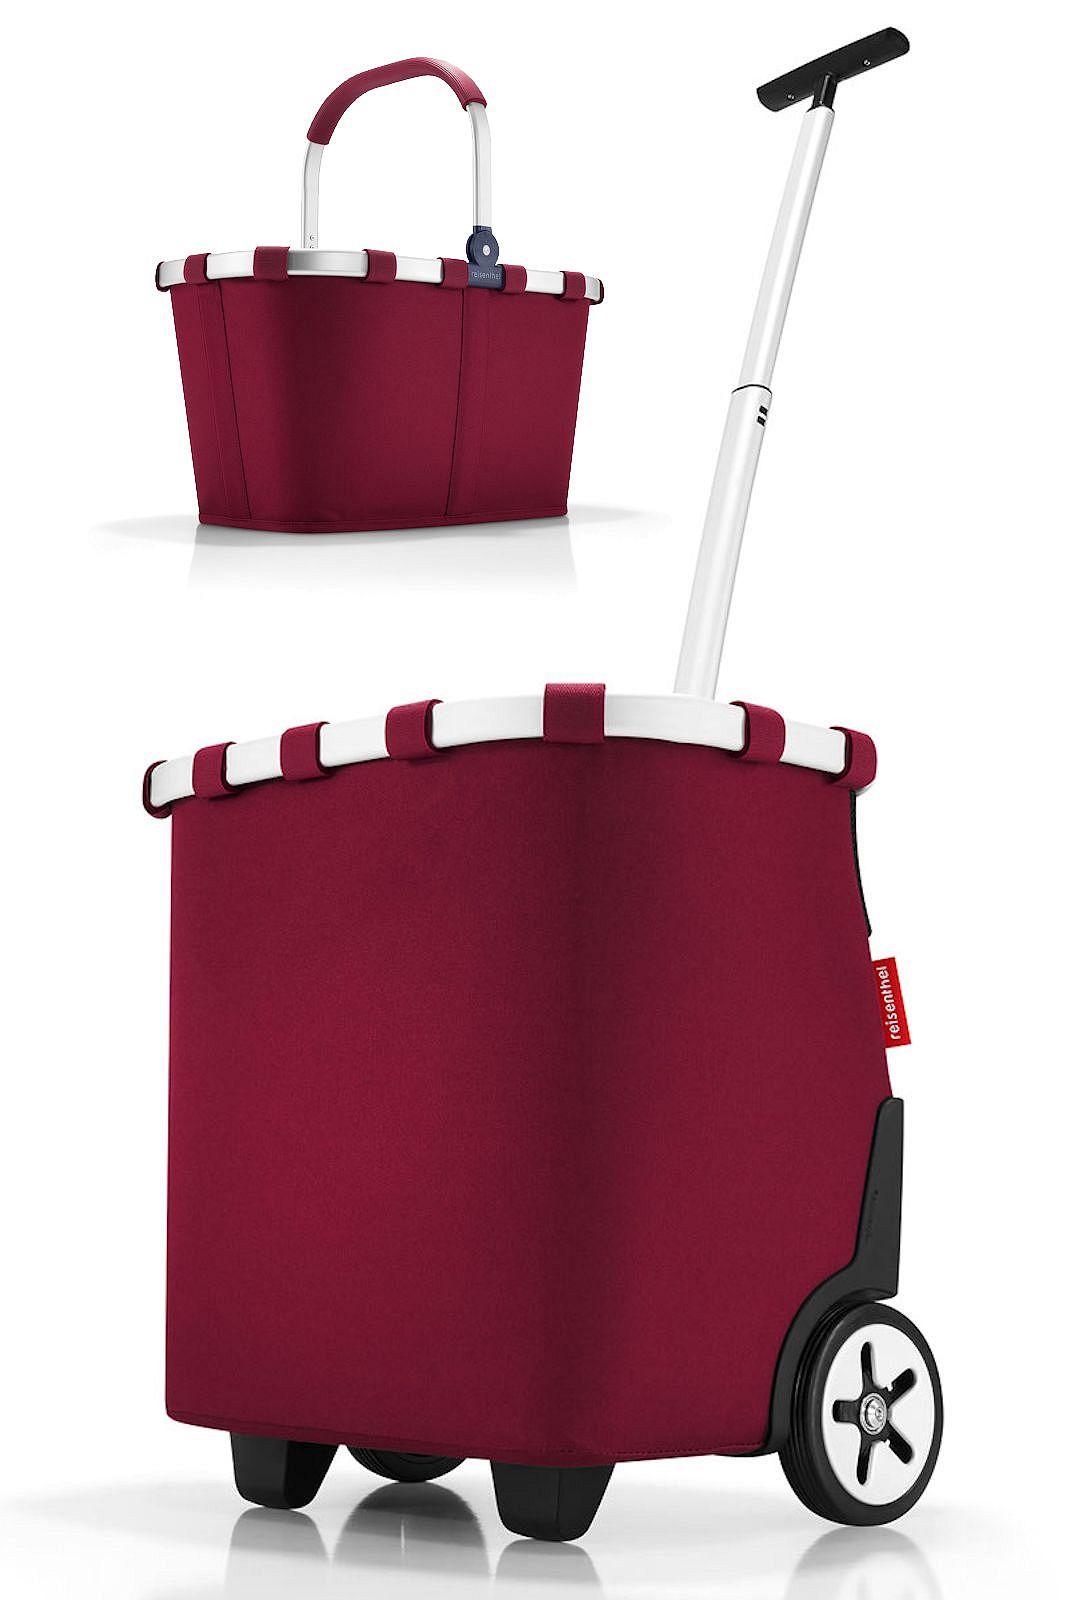 Herrlich Reisenthel Carrycruiser Barock Taupe 40 Liter Cruiser Trolley Einkaufstasche Reiseaccessoires